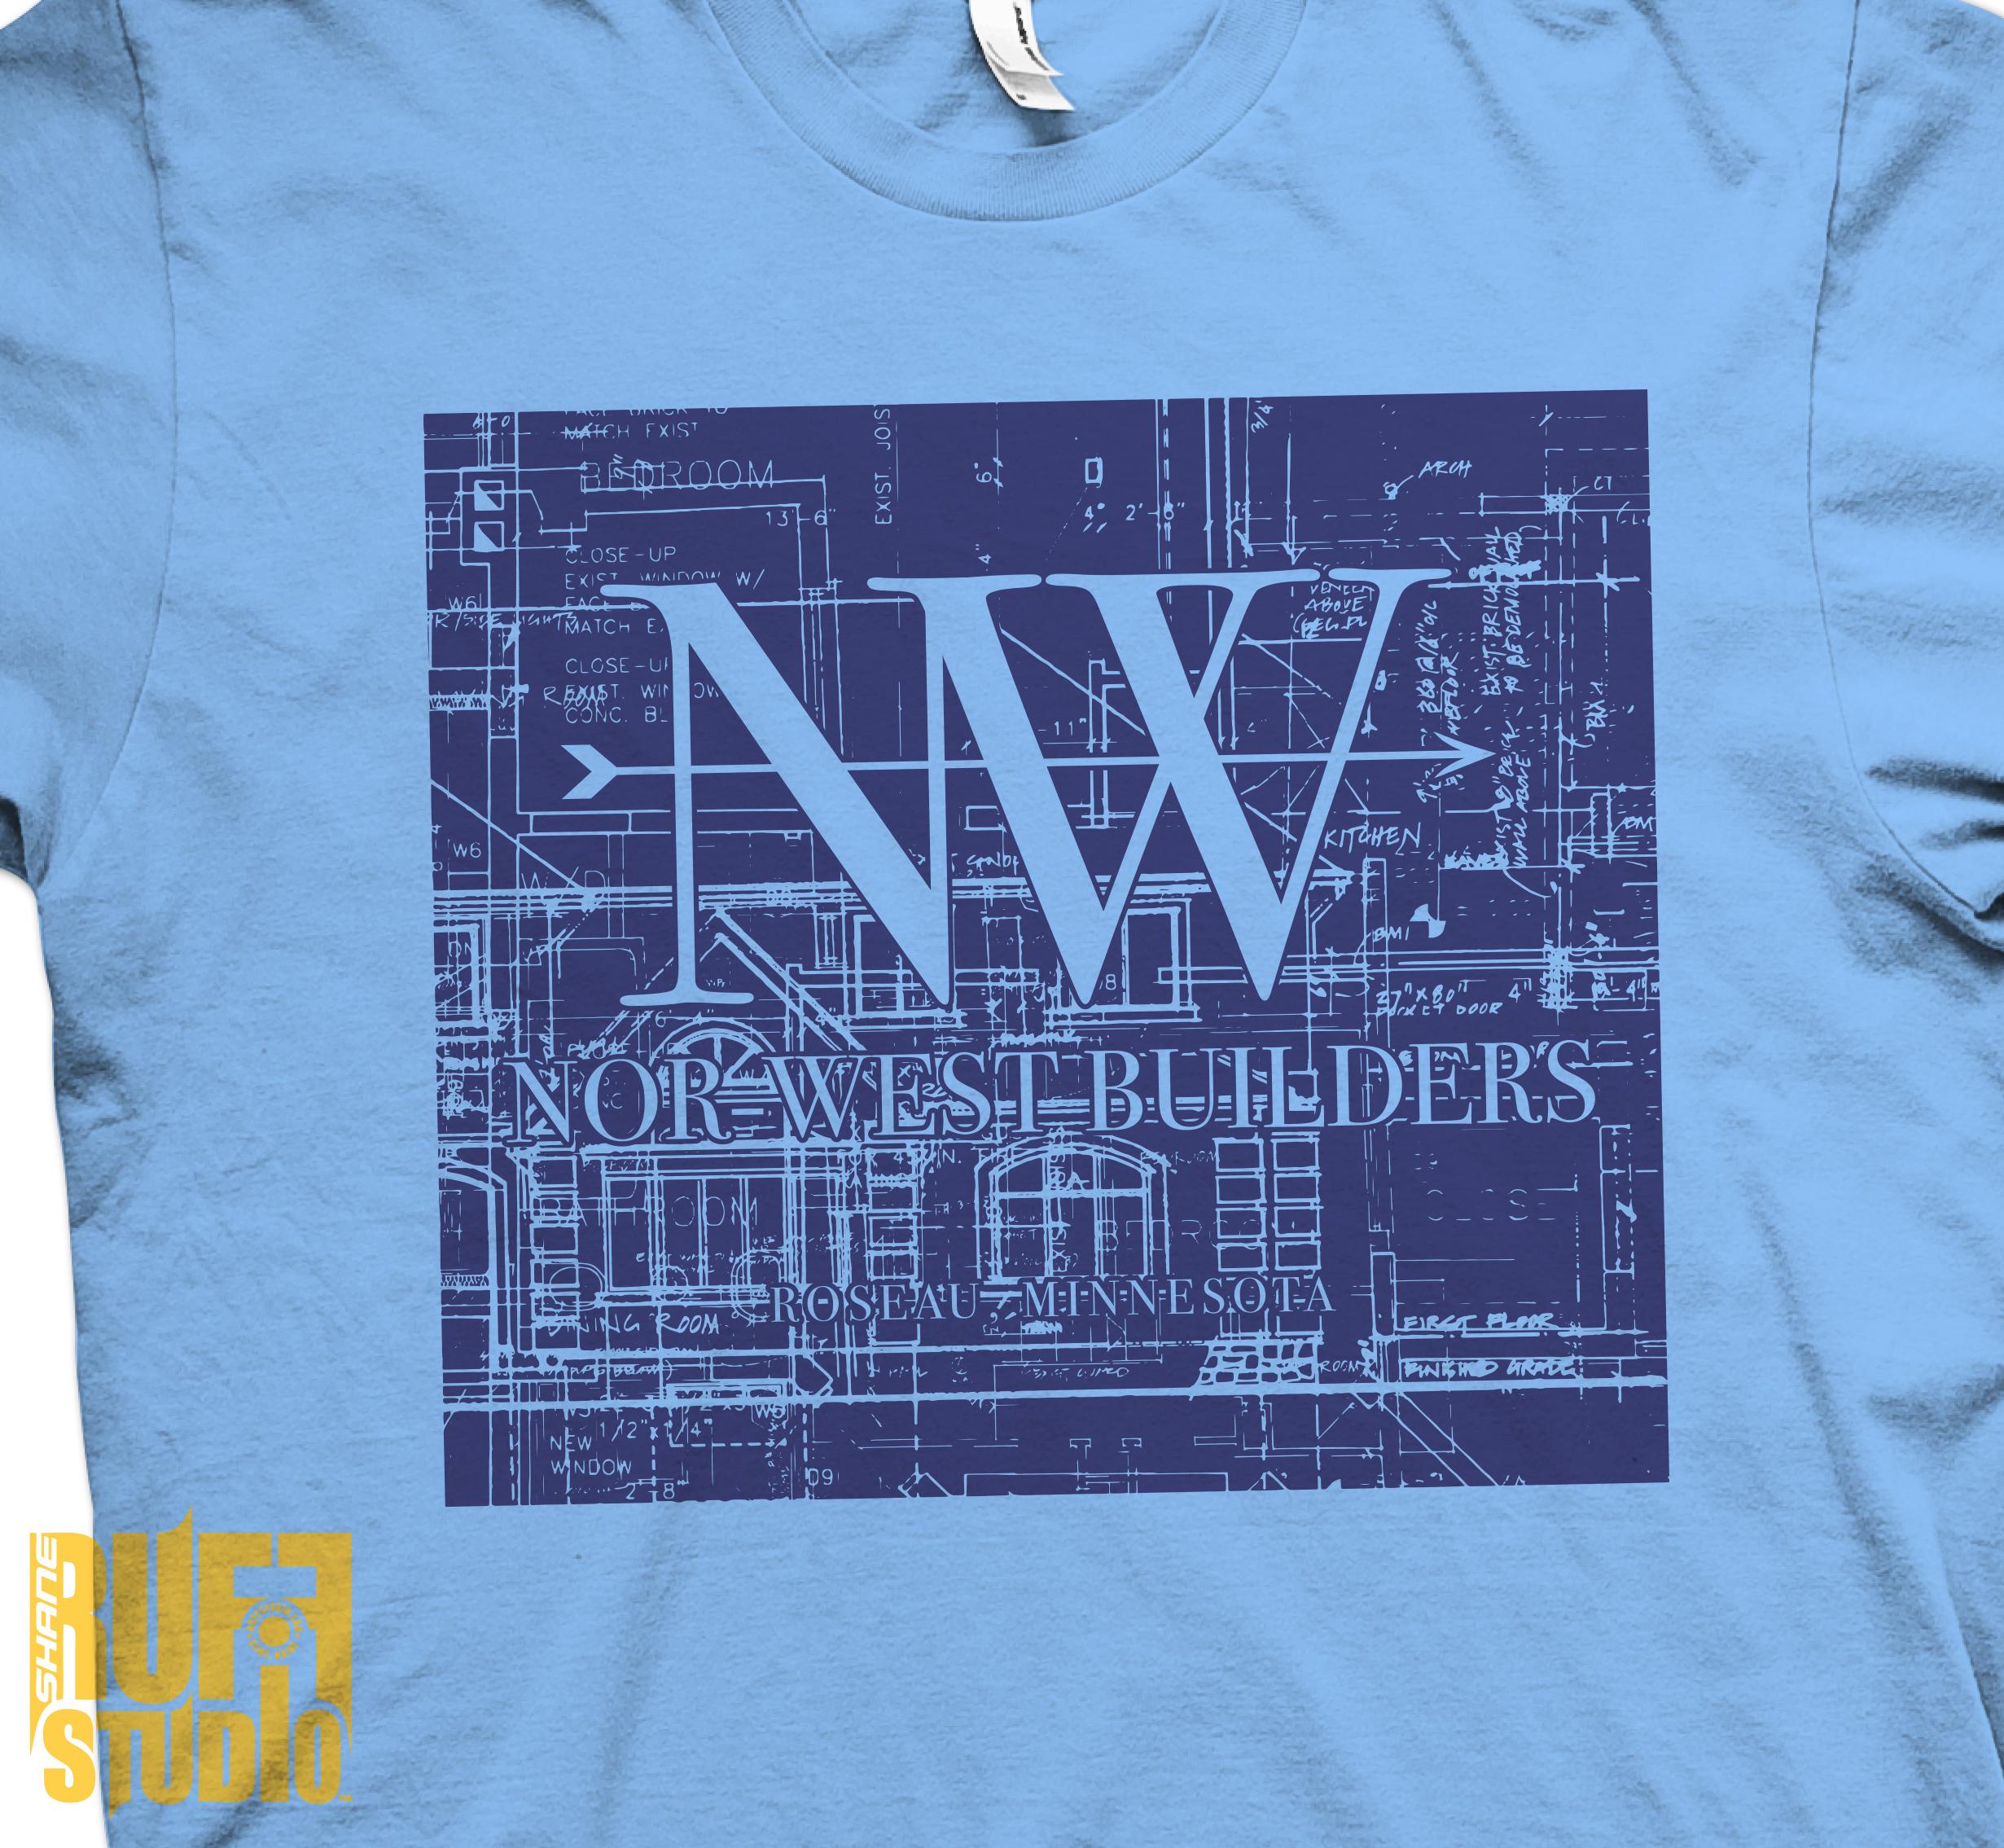 norwest-b-lblu-2a.jpg